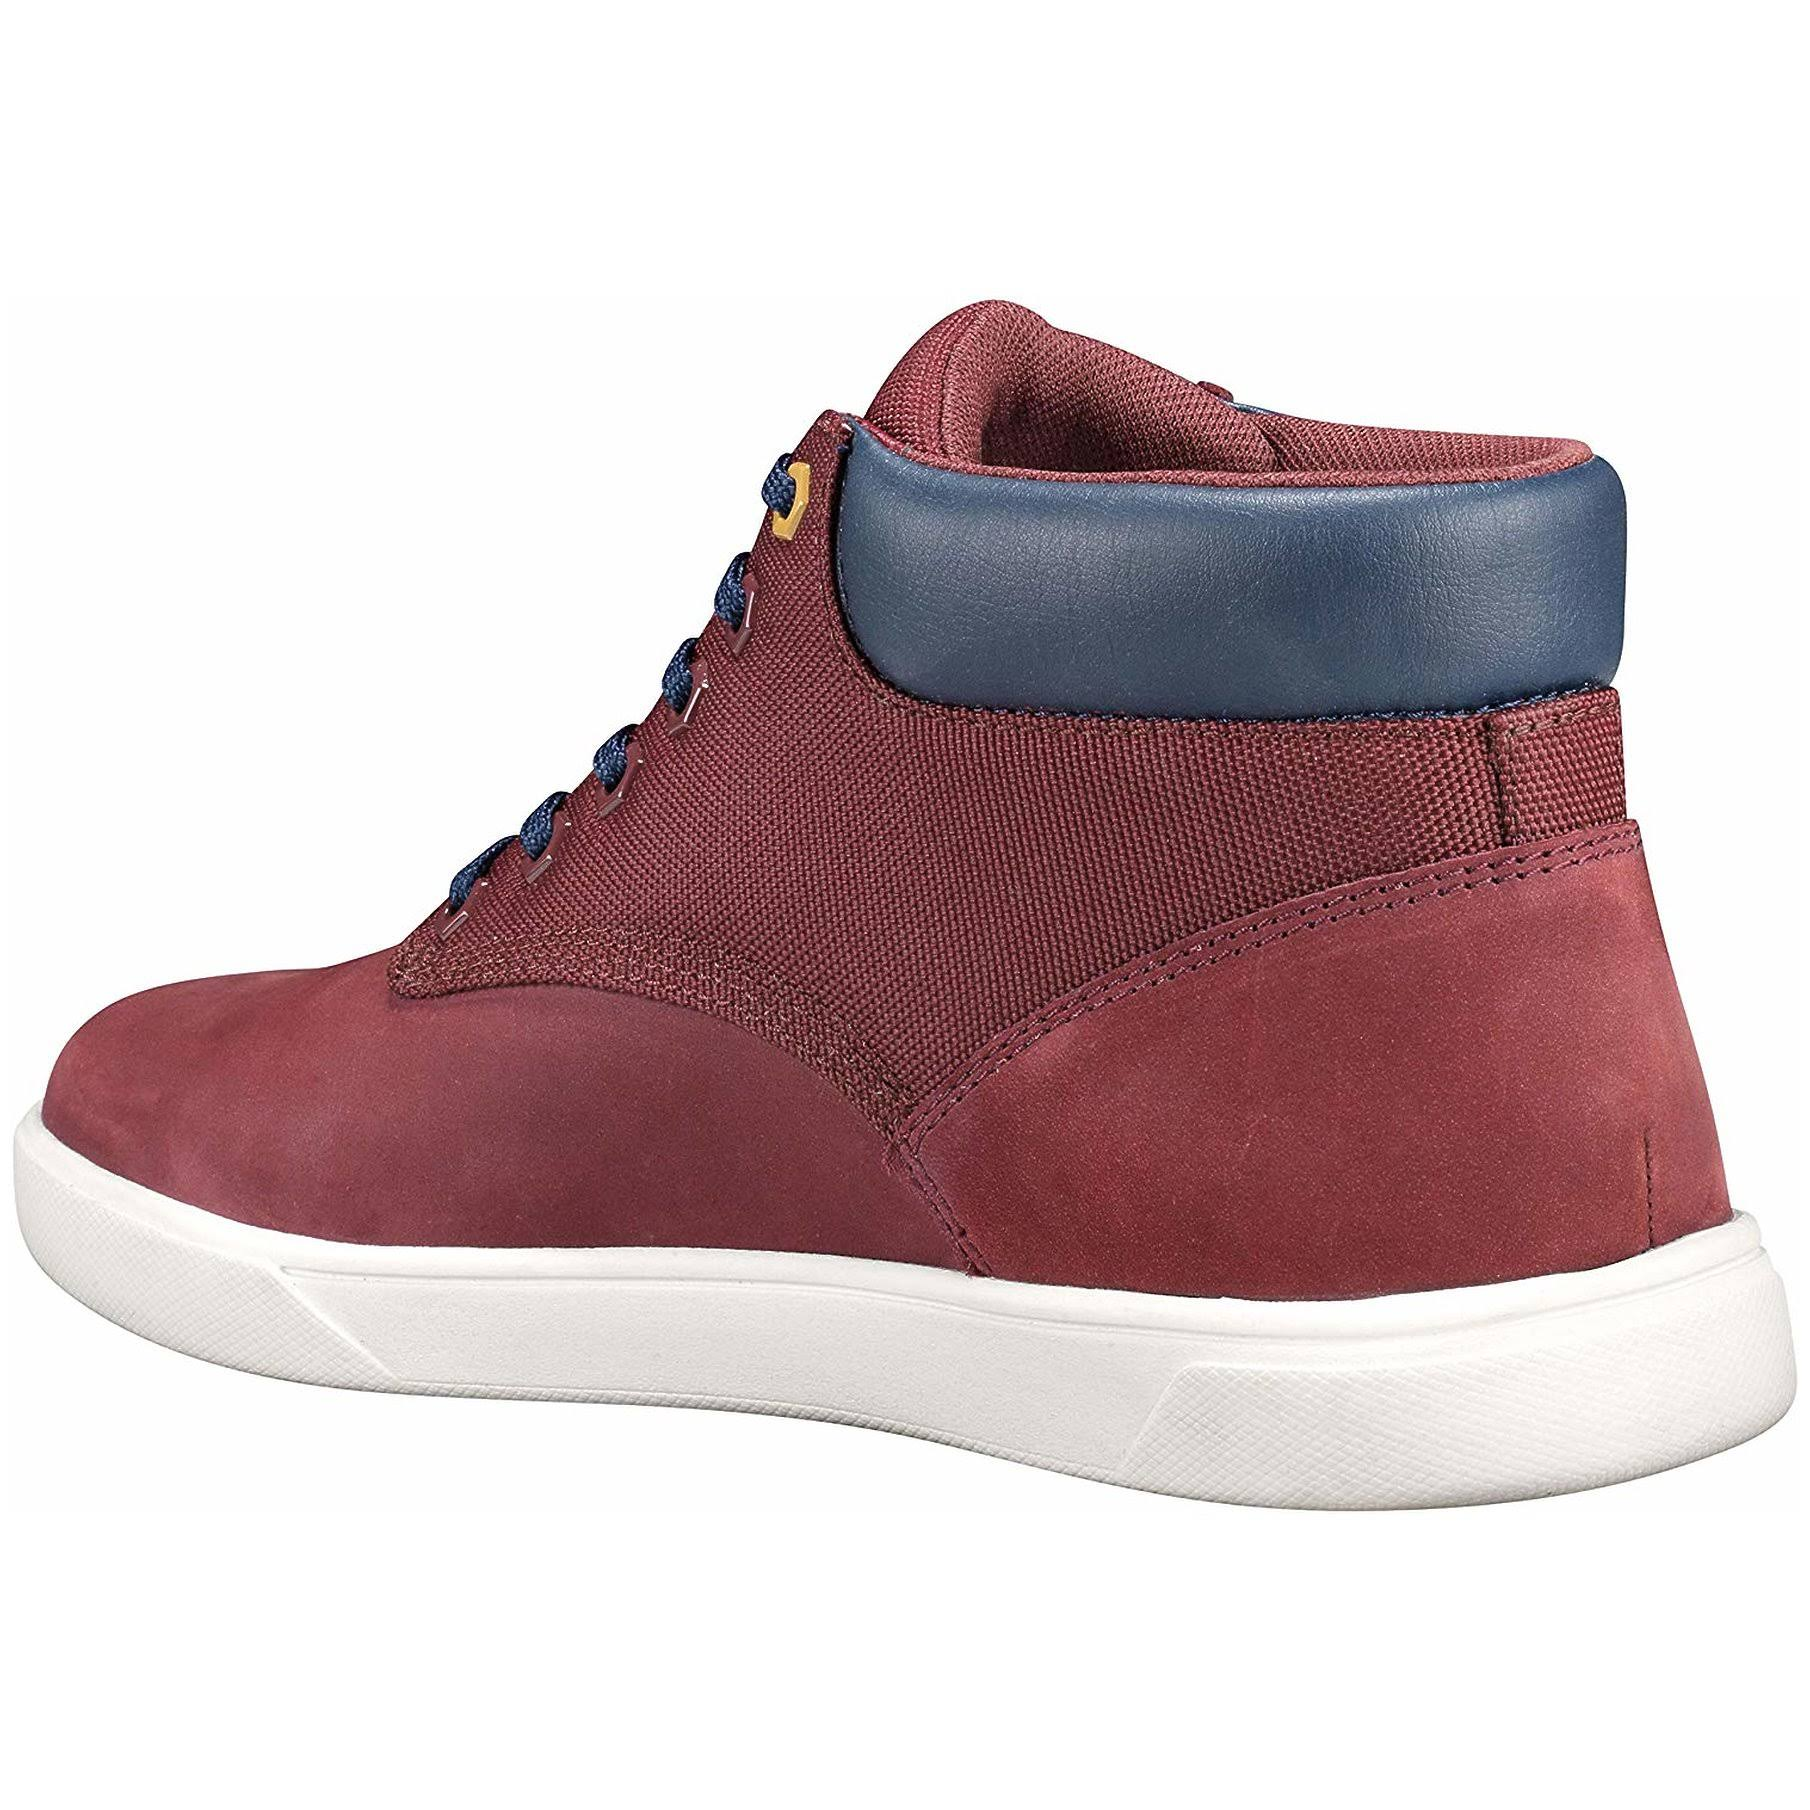 sneakersgemaakt Hi Groveton 12 top voor Macy'sRood Timberland Heren rdCtshQ